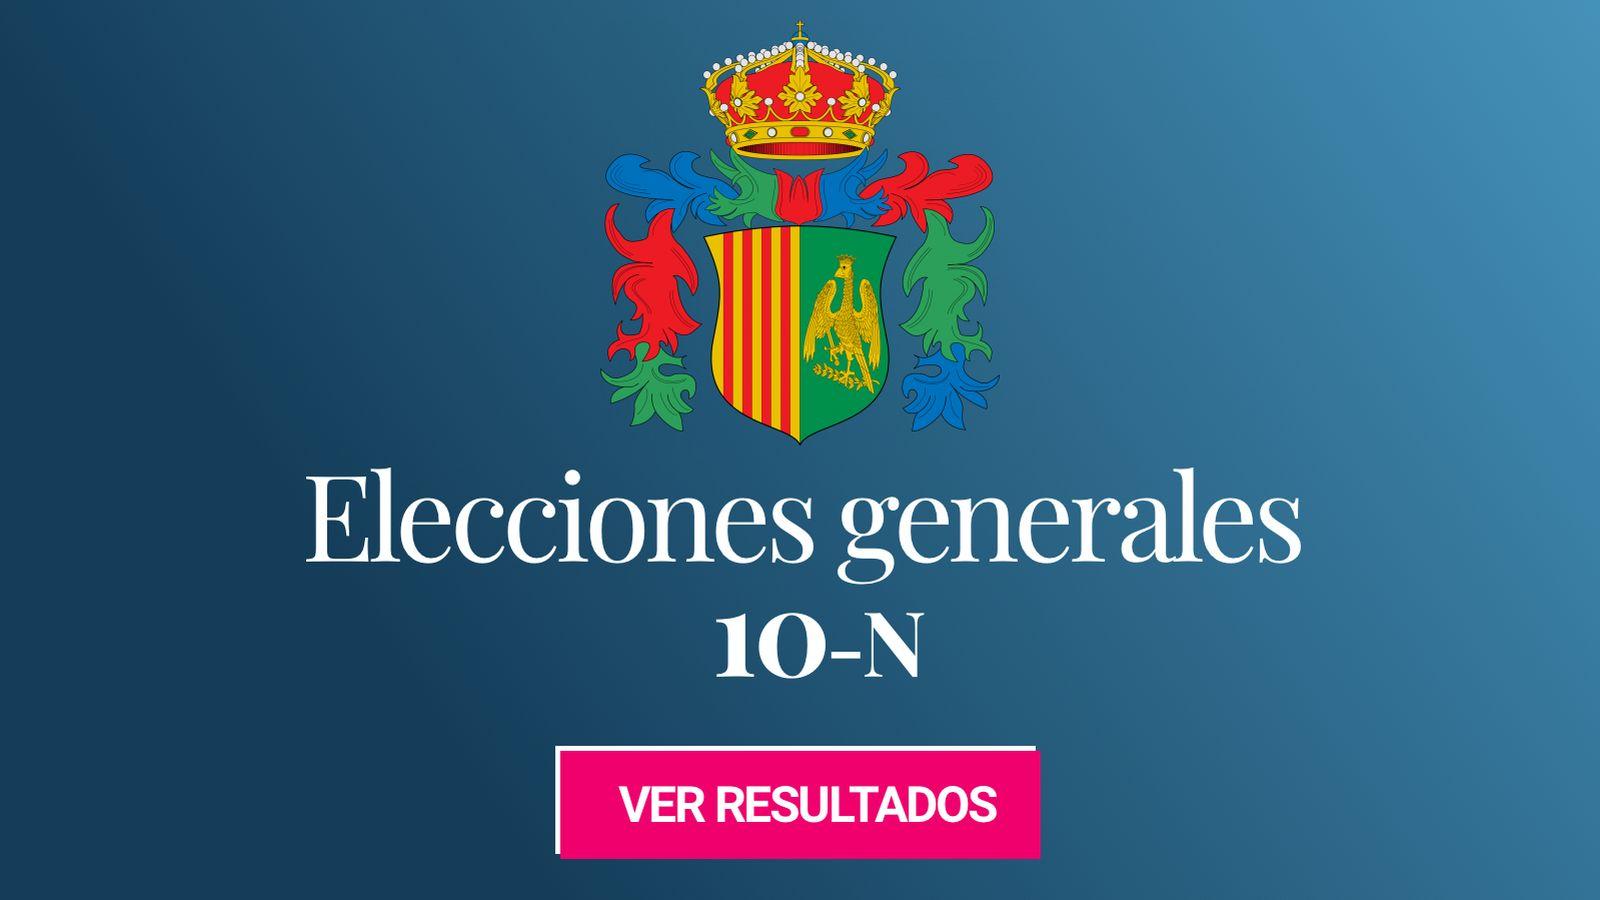 Foto: Elecciones generales 2019 en Orihuela. (C.C./EC)